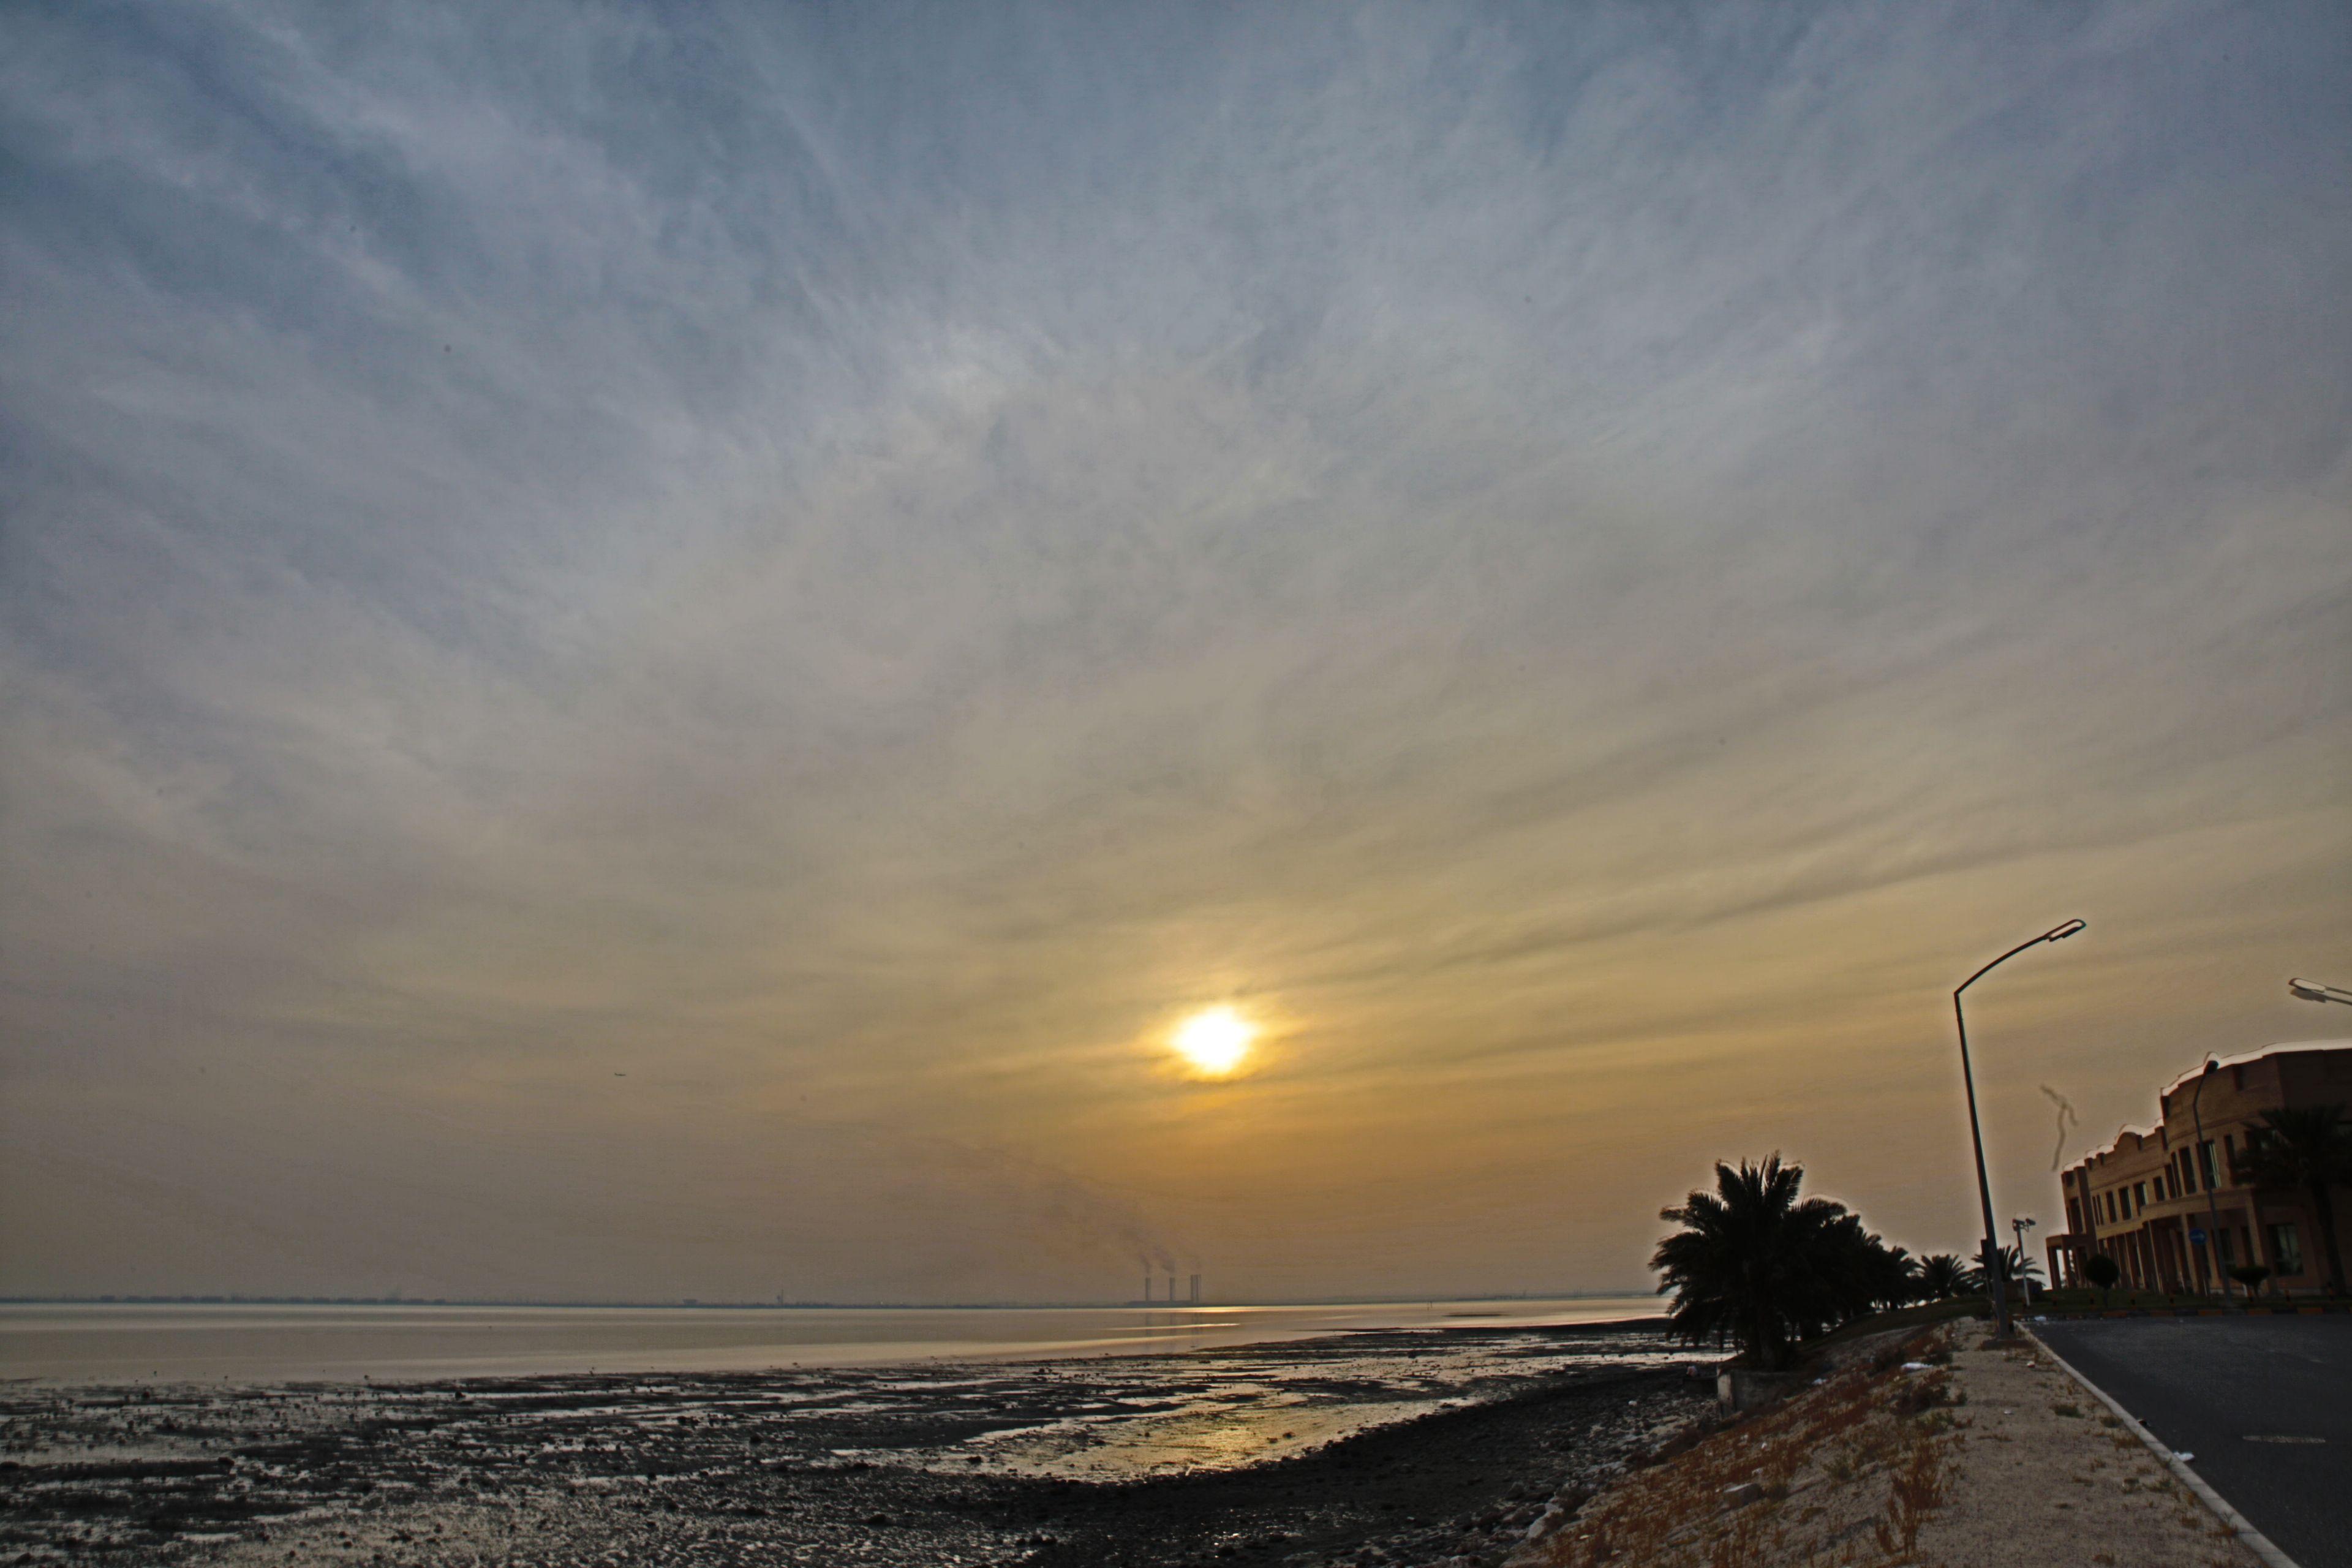 دولة الكويت غروب الشمس Kuwait Sun Set Sunset Outdoor Celestial